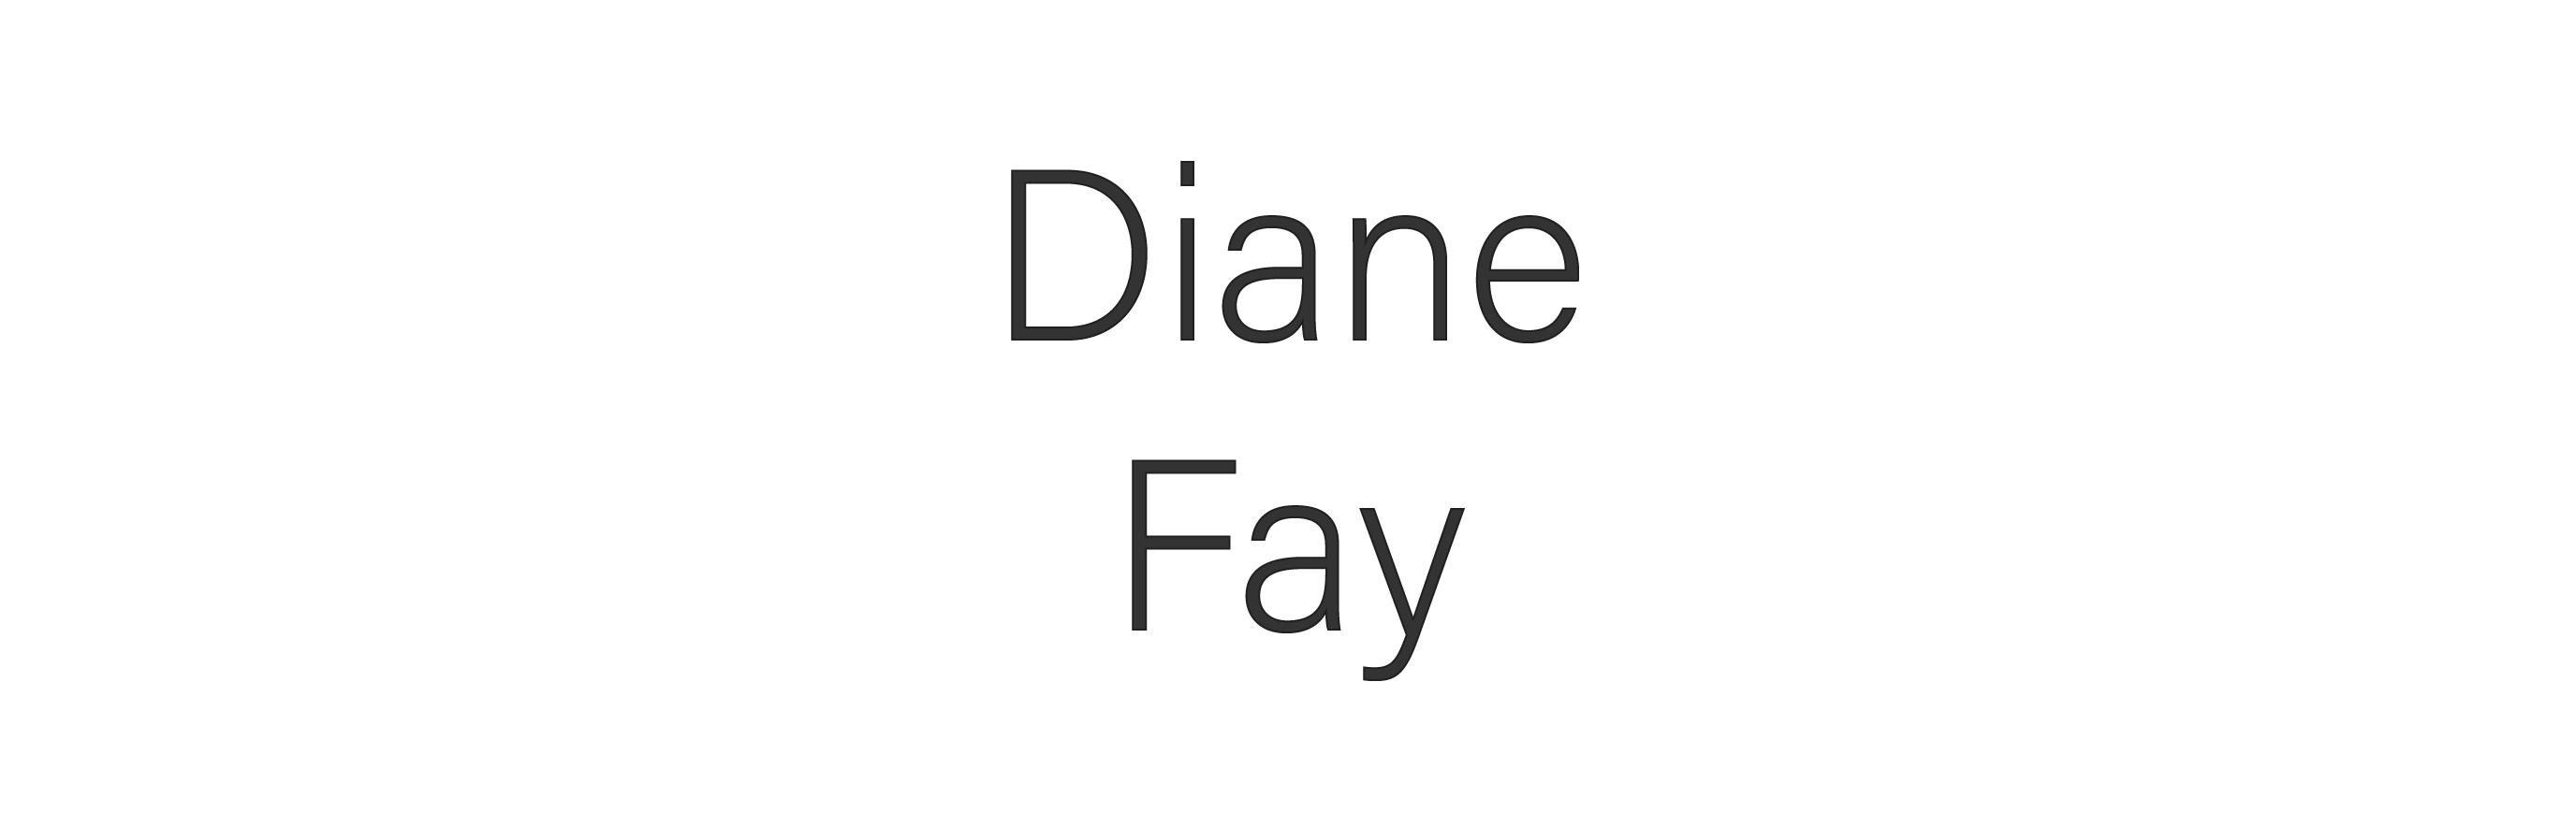 dianefay